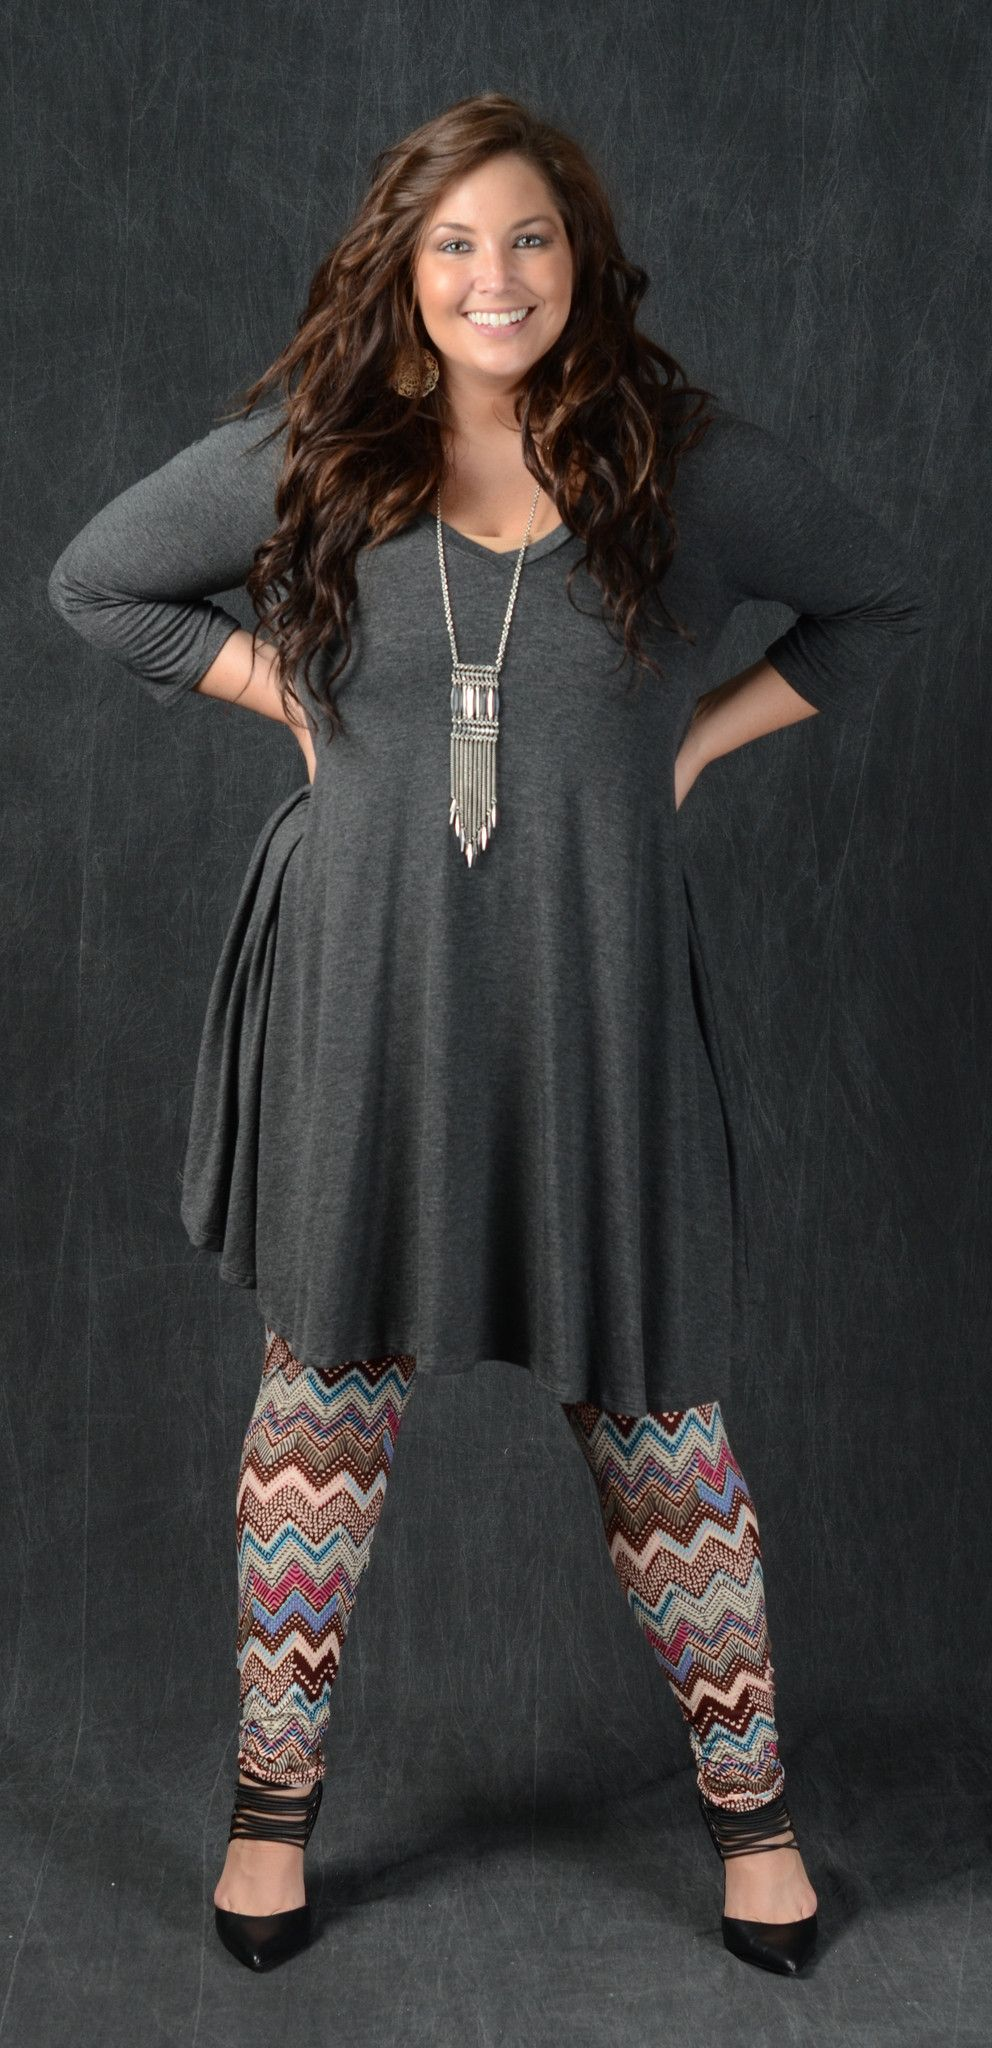 5ddde98c500d0 Chevron Aztec Print Leggings - Curvy Plus Size Boutique - 1 - Sale! Up to  75% OFF! Shop at Stylizio for women s and men s designer handbags